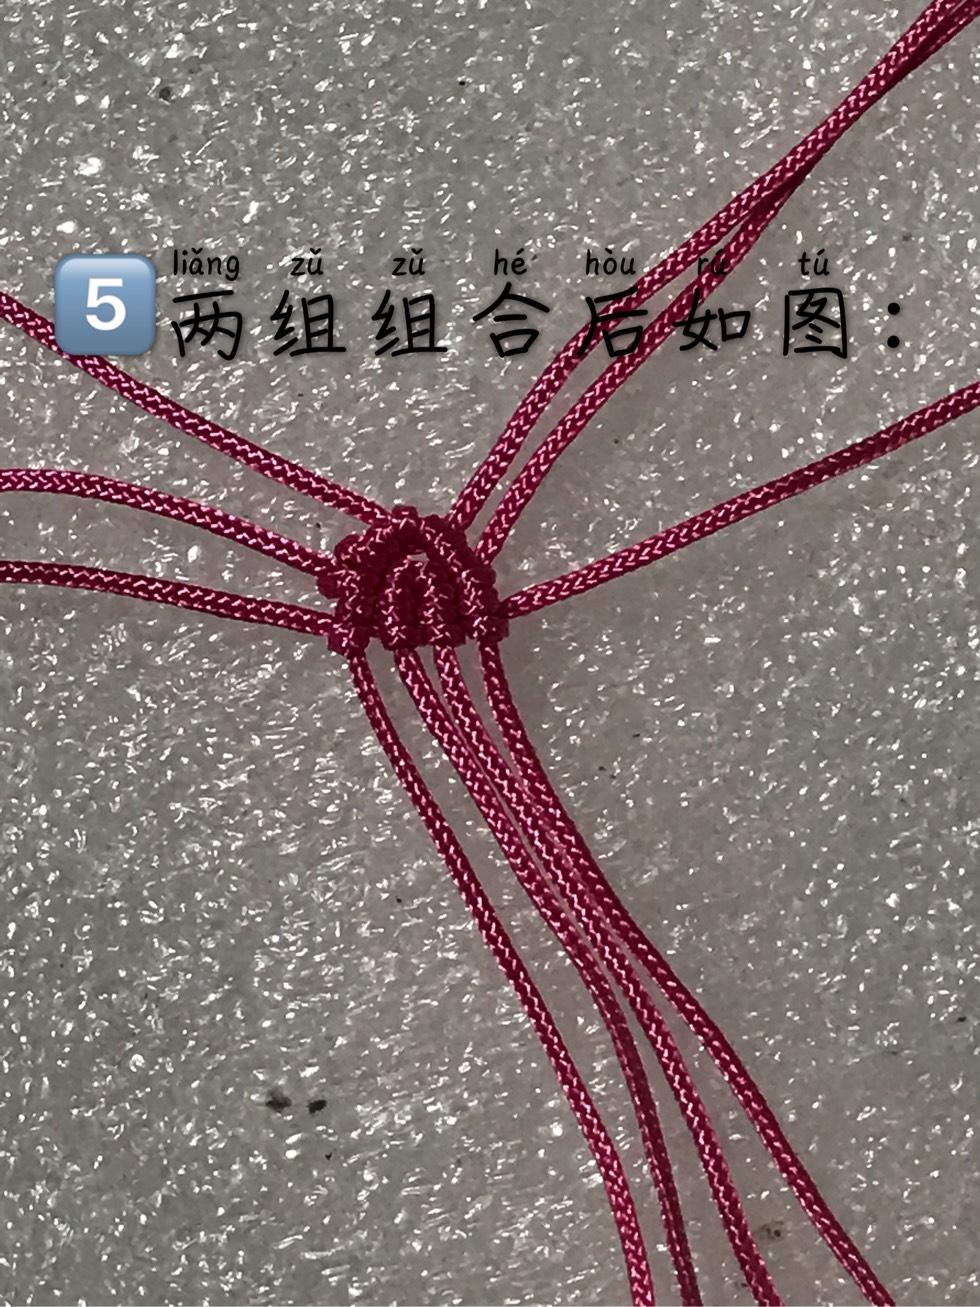 中国结论坛 谷雨花 描写谷雨的唯美短句,什么花被称为谷雨花,桂花飘香是什么时节,谷雨的代表花是什么,谷雨种花是什么花 图文教程区 231337x56ahvytiadypvma